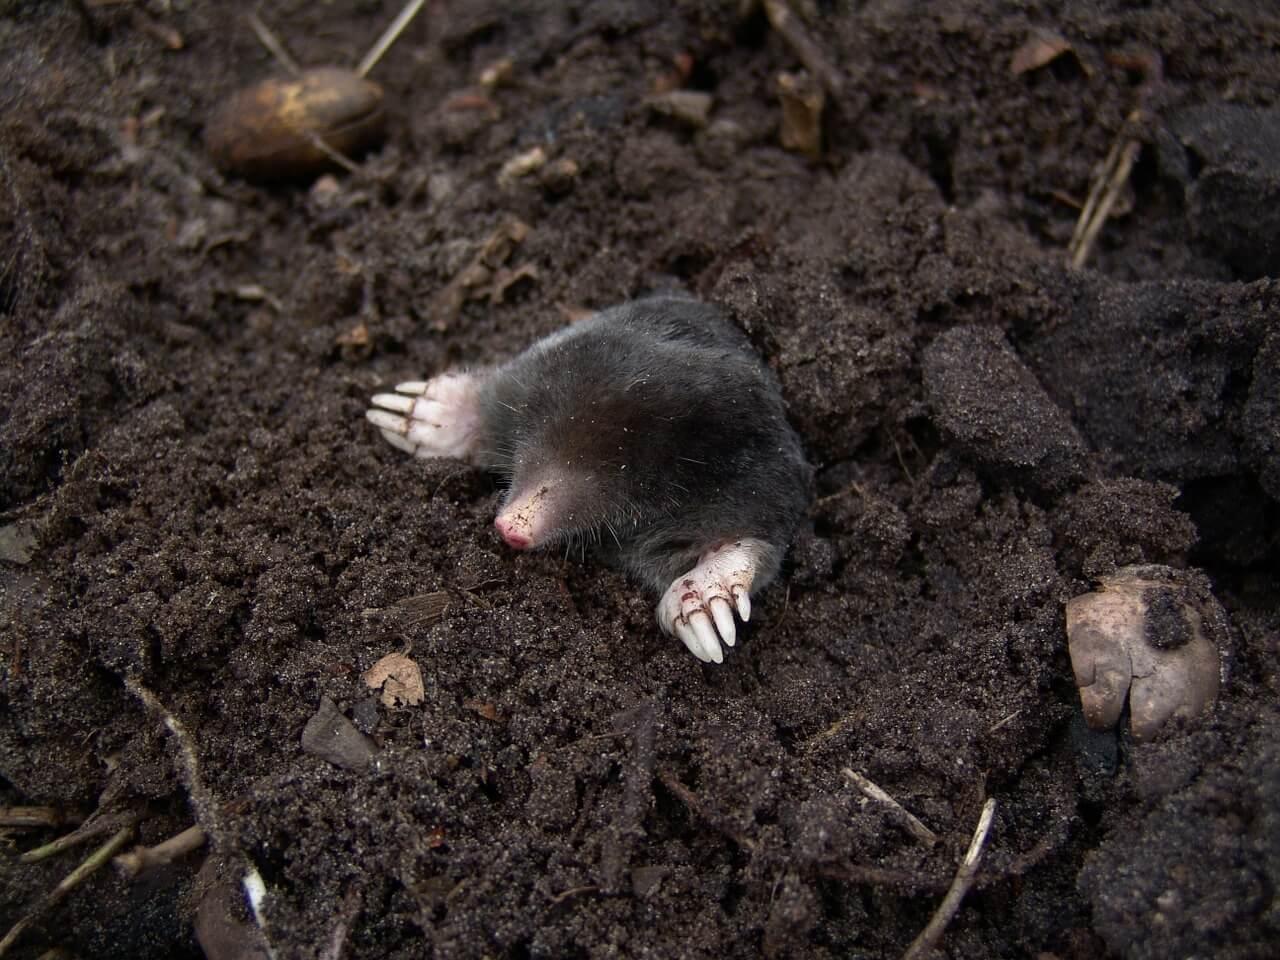 mole-13298_1280.jpg